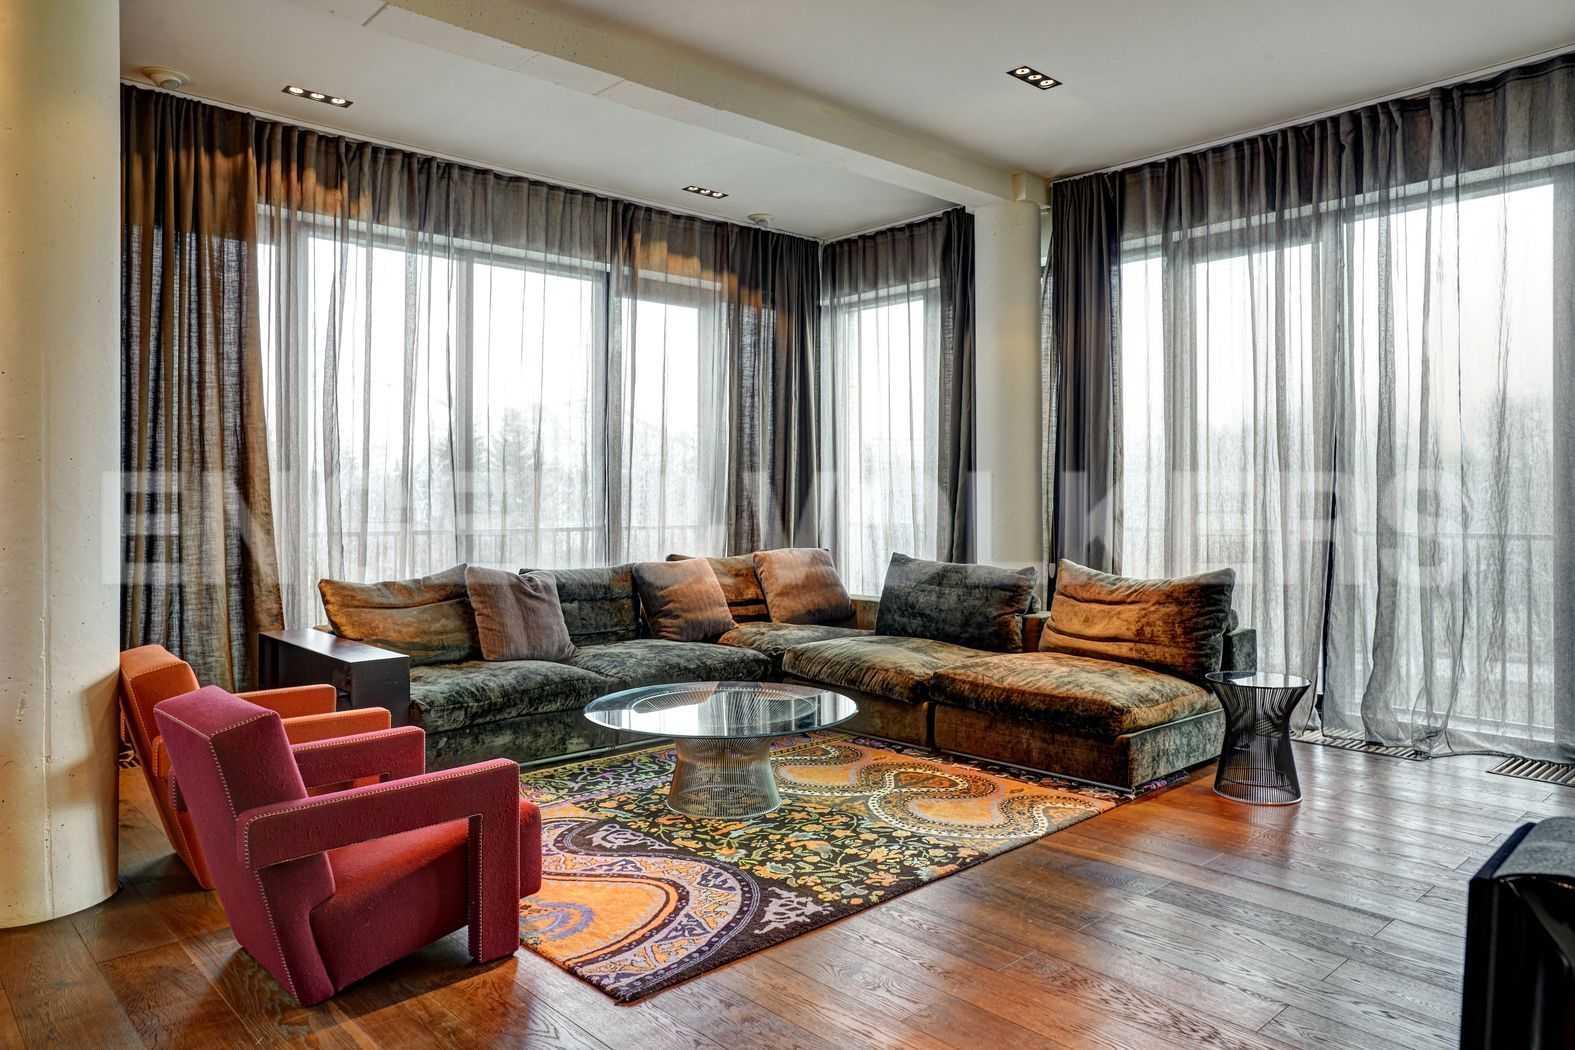 Элитные квартиры на . Санкт-Петербург, наб. Мартынова, 74. Зона гостиной